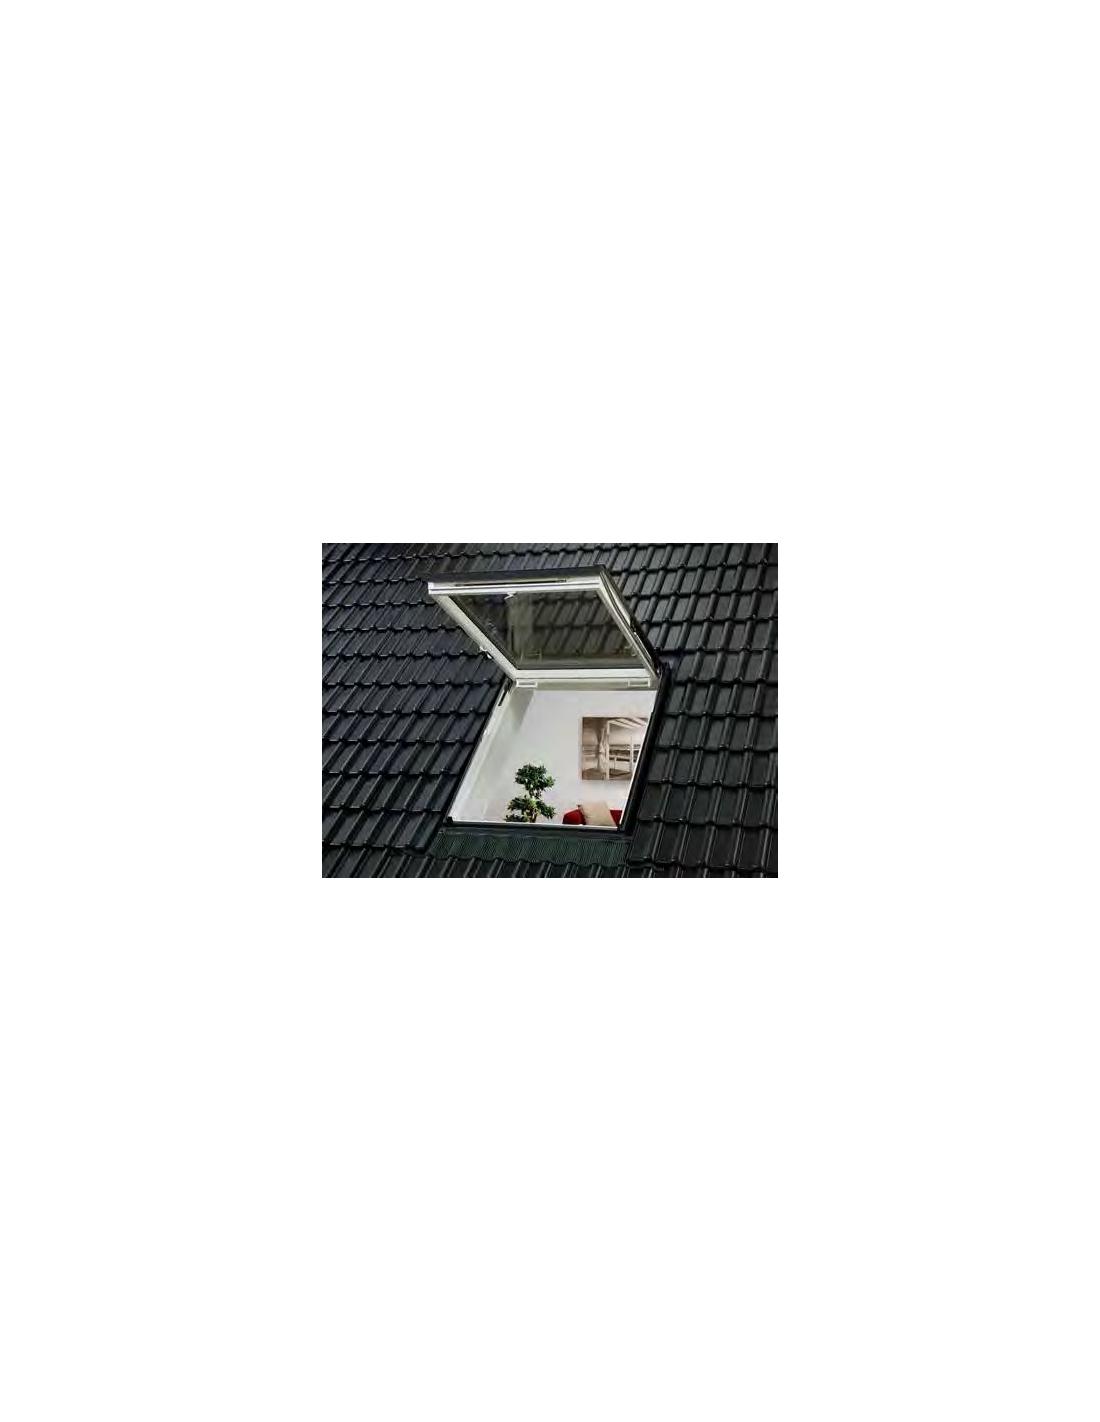 Gtl gtu finestre per linea vita larghezza netta maggiore for Dimensioni finestre velux nuova costruzione